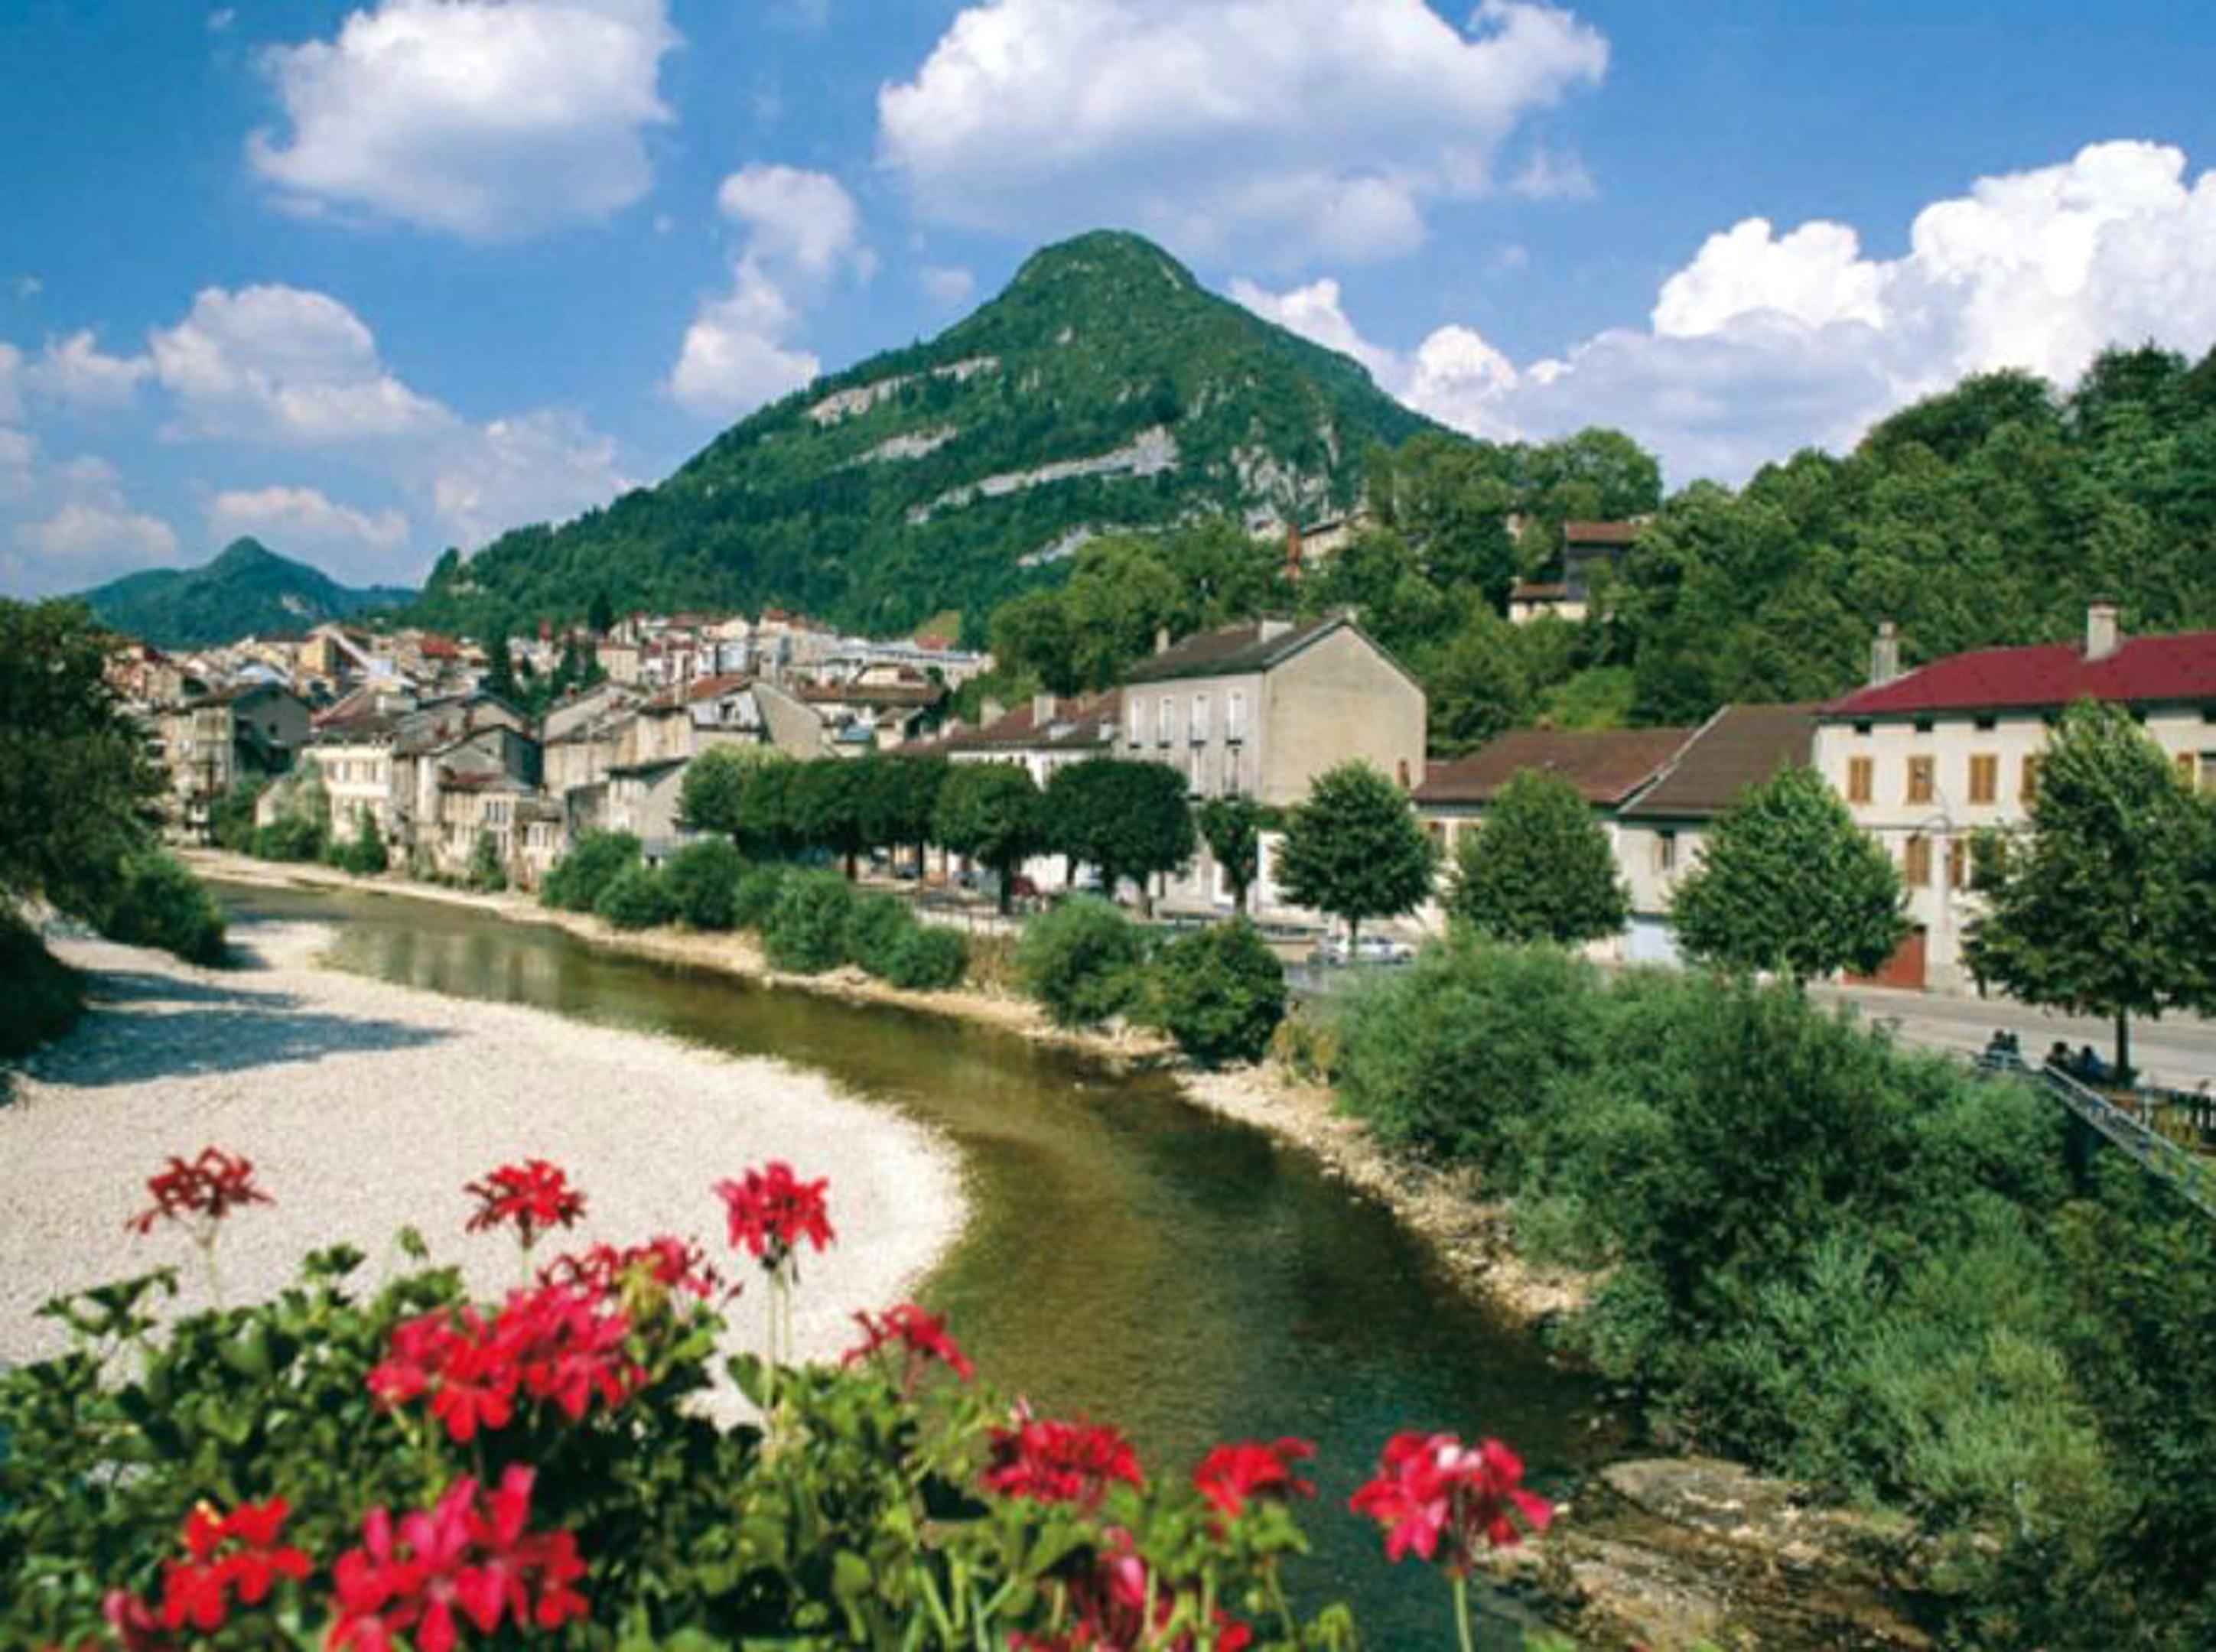 Maison de vacances Haus mit 2 Schlafzimmern in Villard-Saint-Sauveur mit toller Aussicht auf die Berge und ei (2704040), Villard sur Bienne, Jura, Franche-Comté, France, image 20